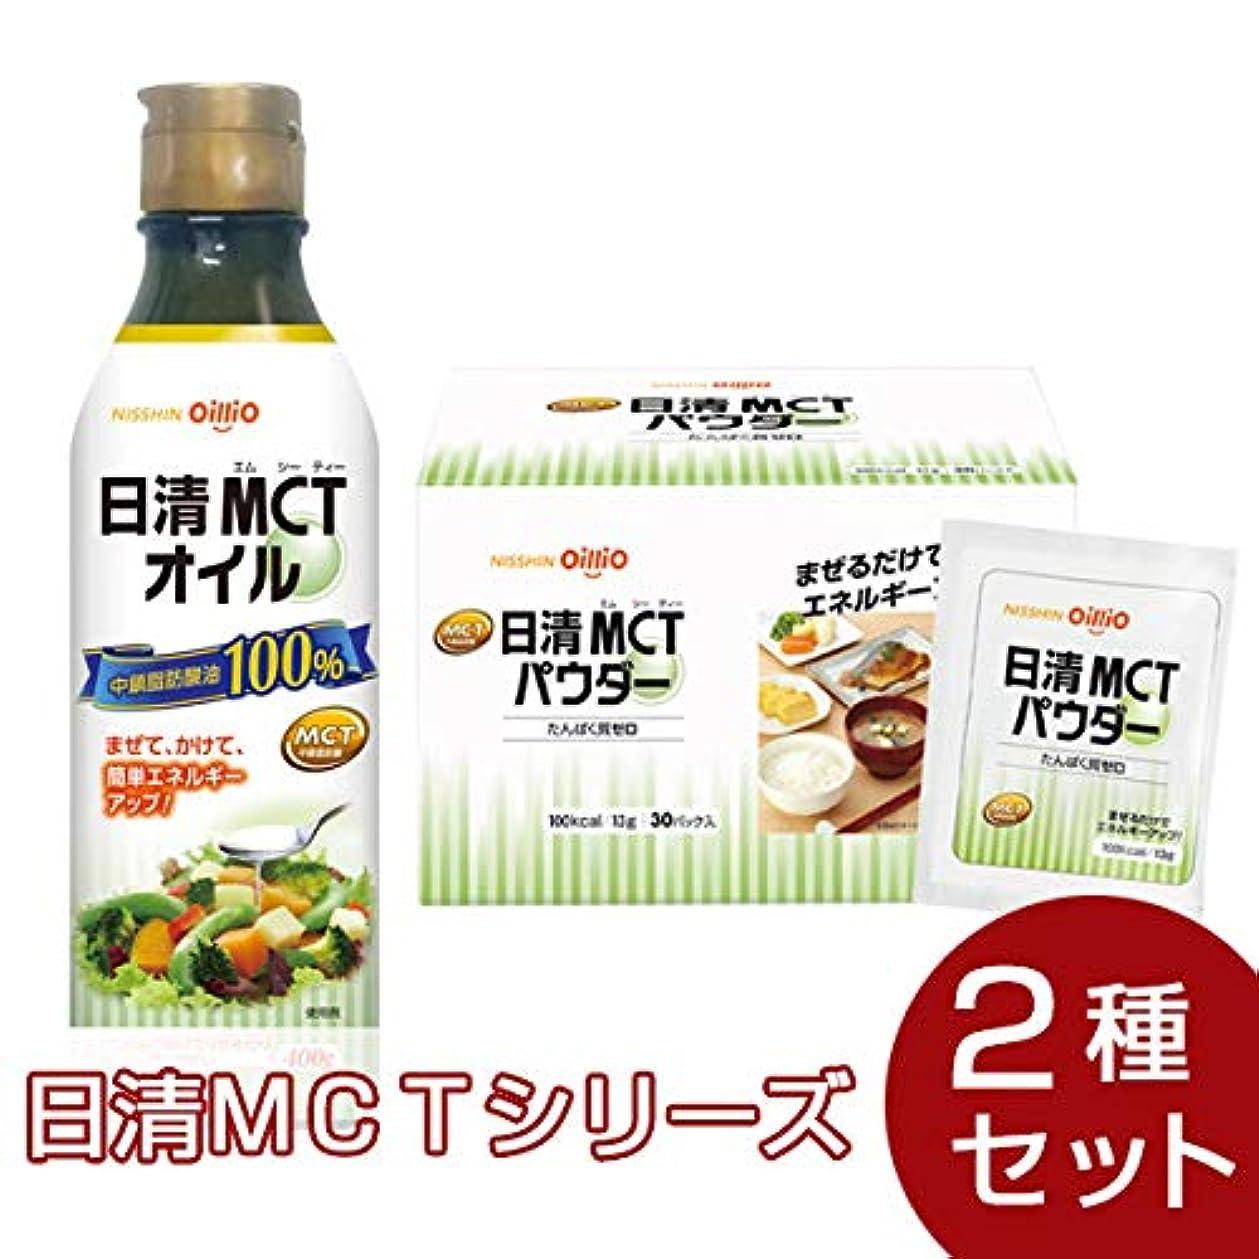 バン過度の割り込み日清MCTシリーズ 2種セット